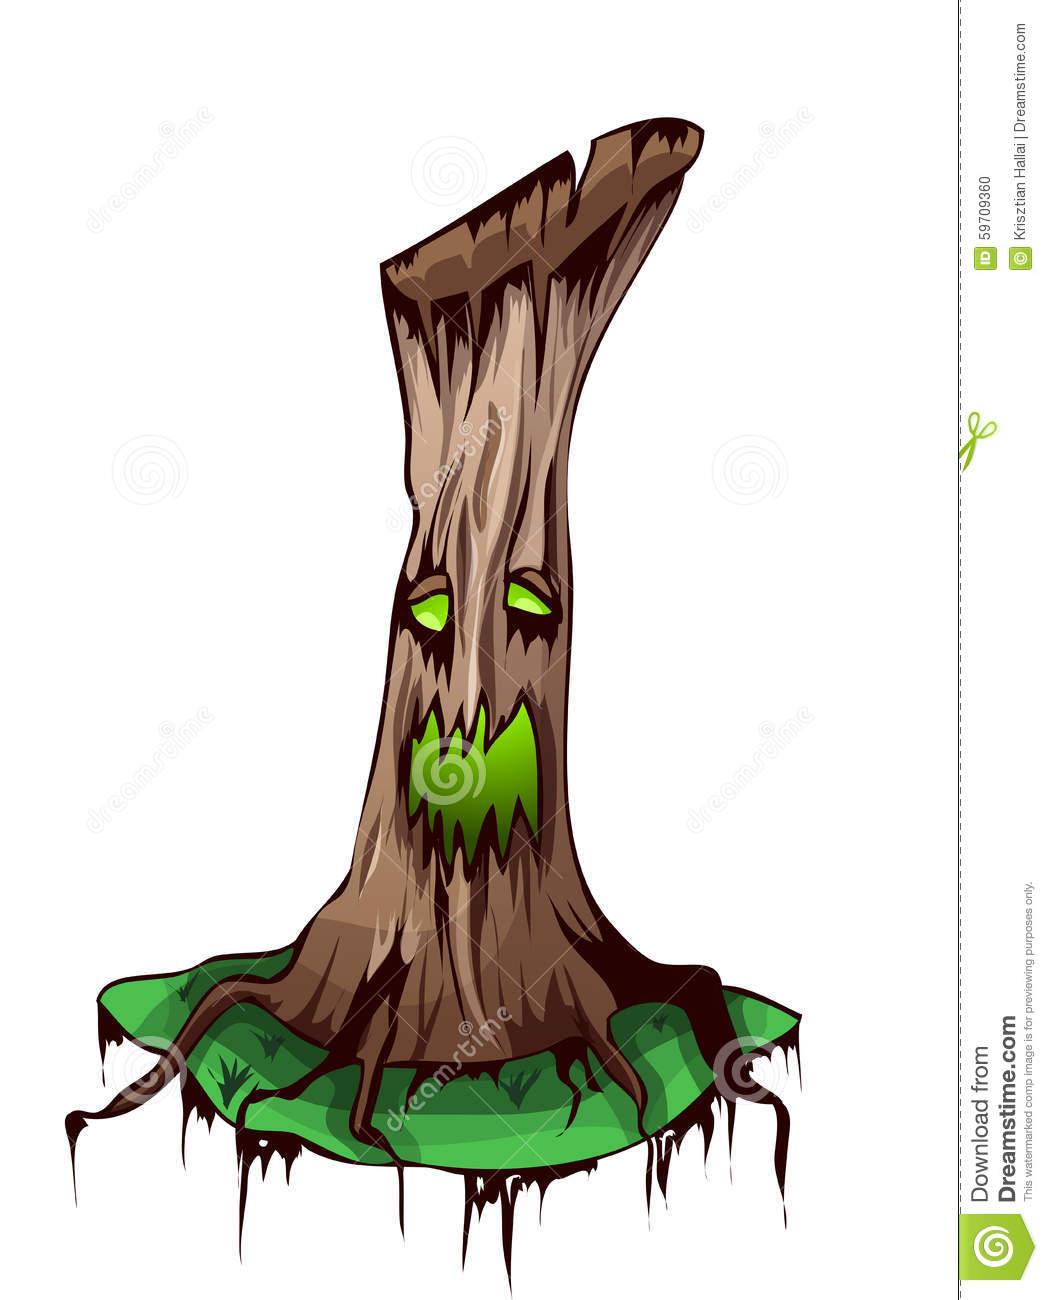 Cartoon Ancient Tree Vector Illustration. Stock Illustration.